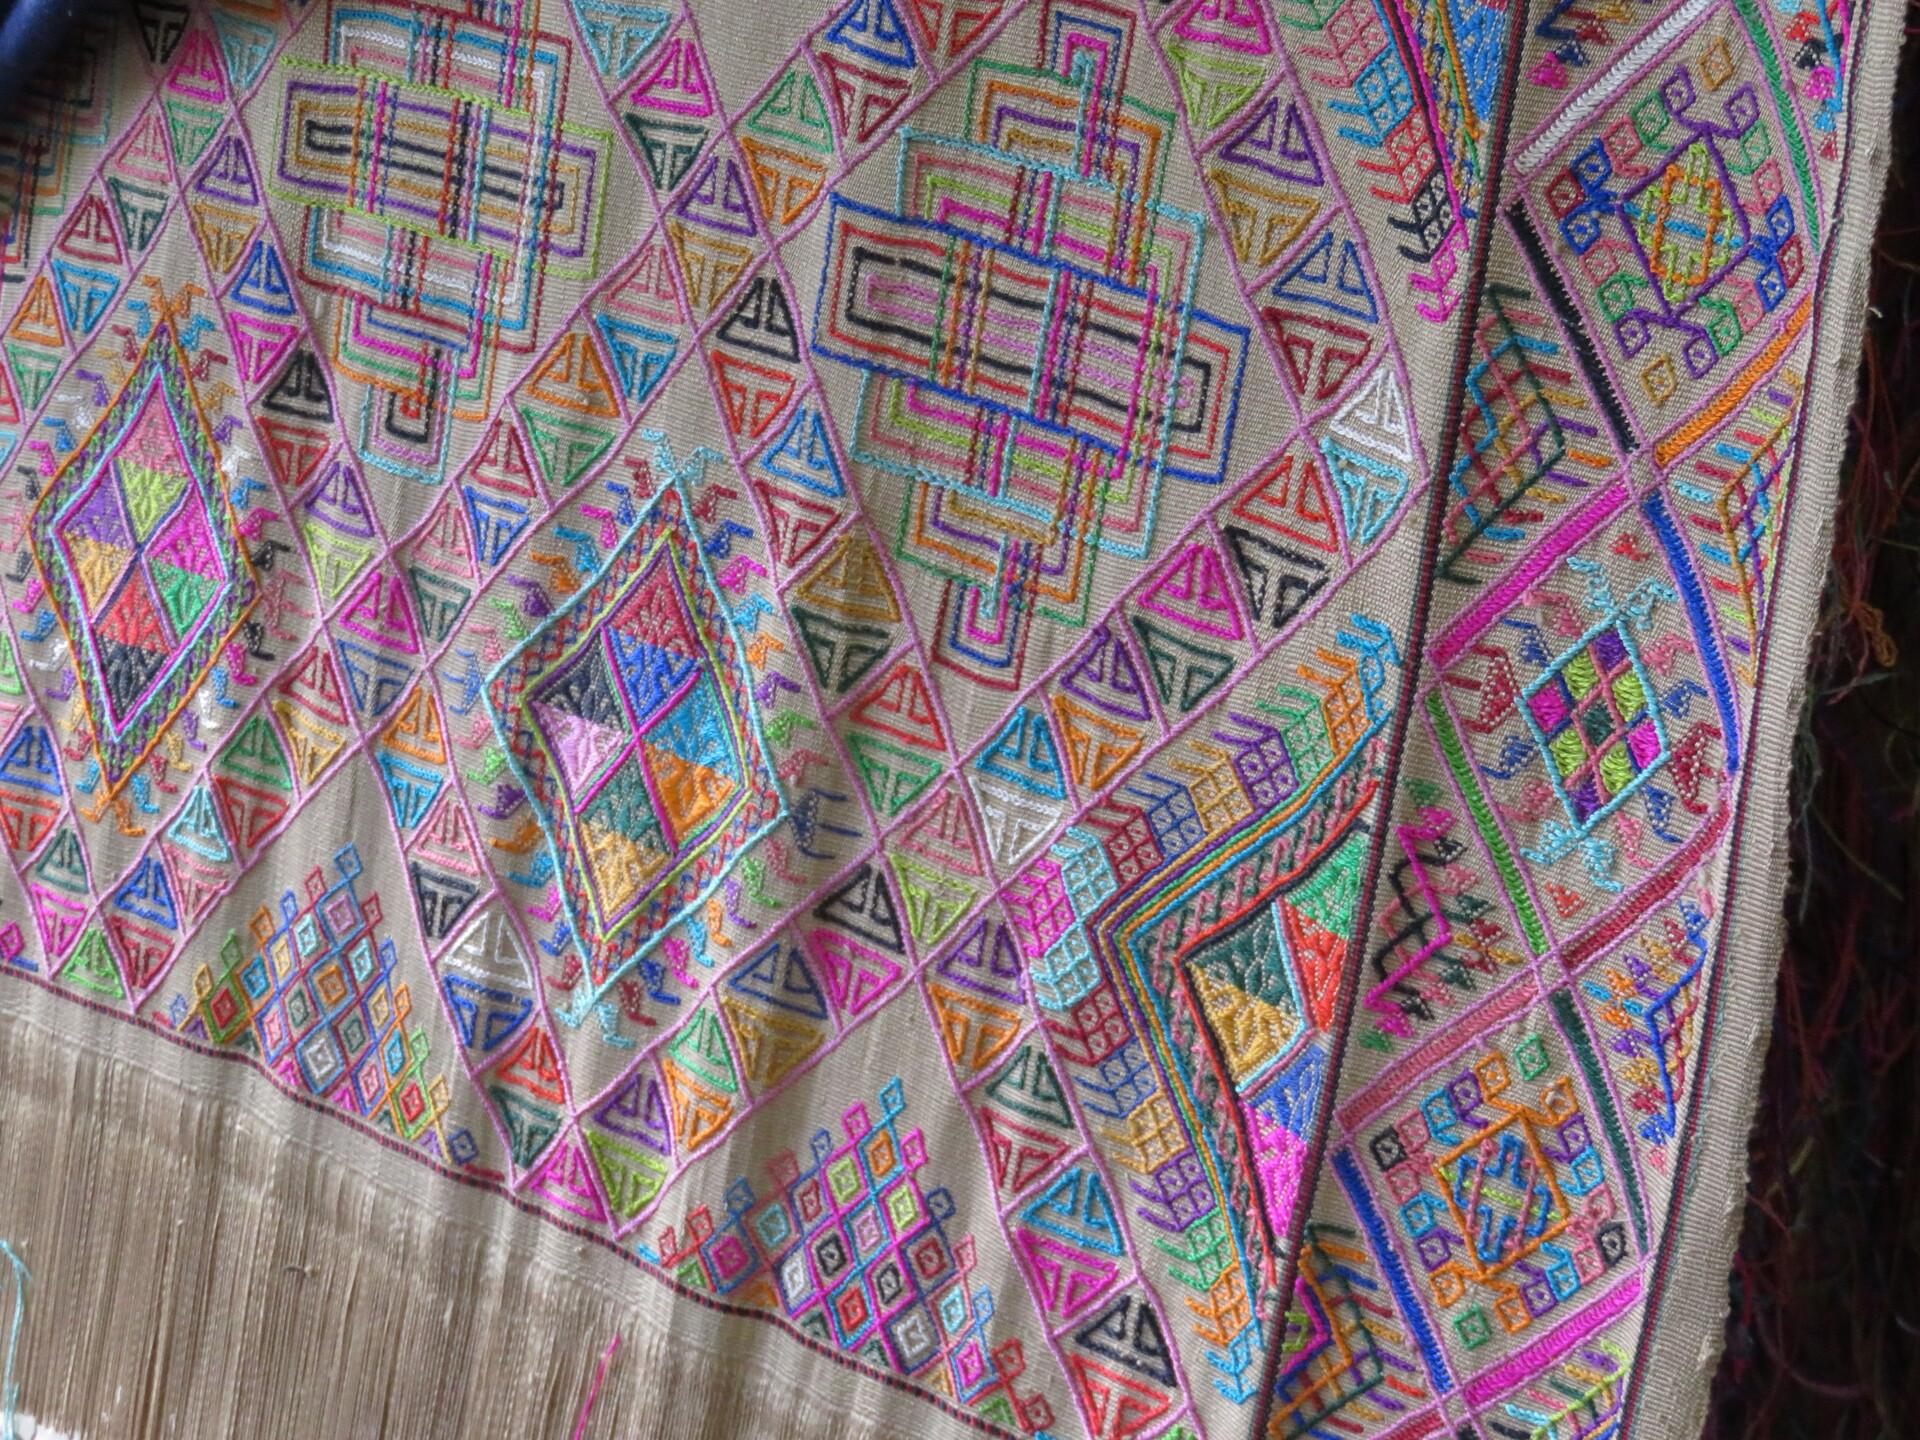 手織りの布 | ティンプー在住まさこさんのおすすめお土産